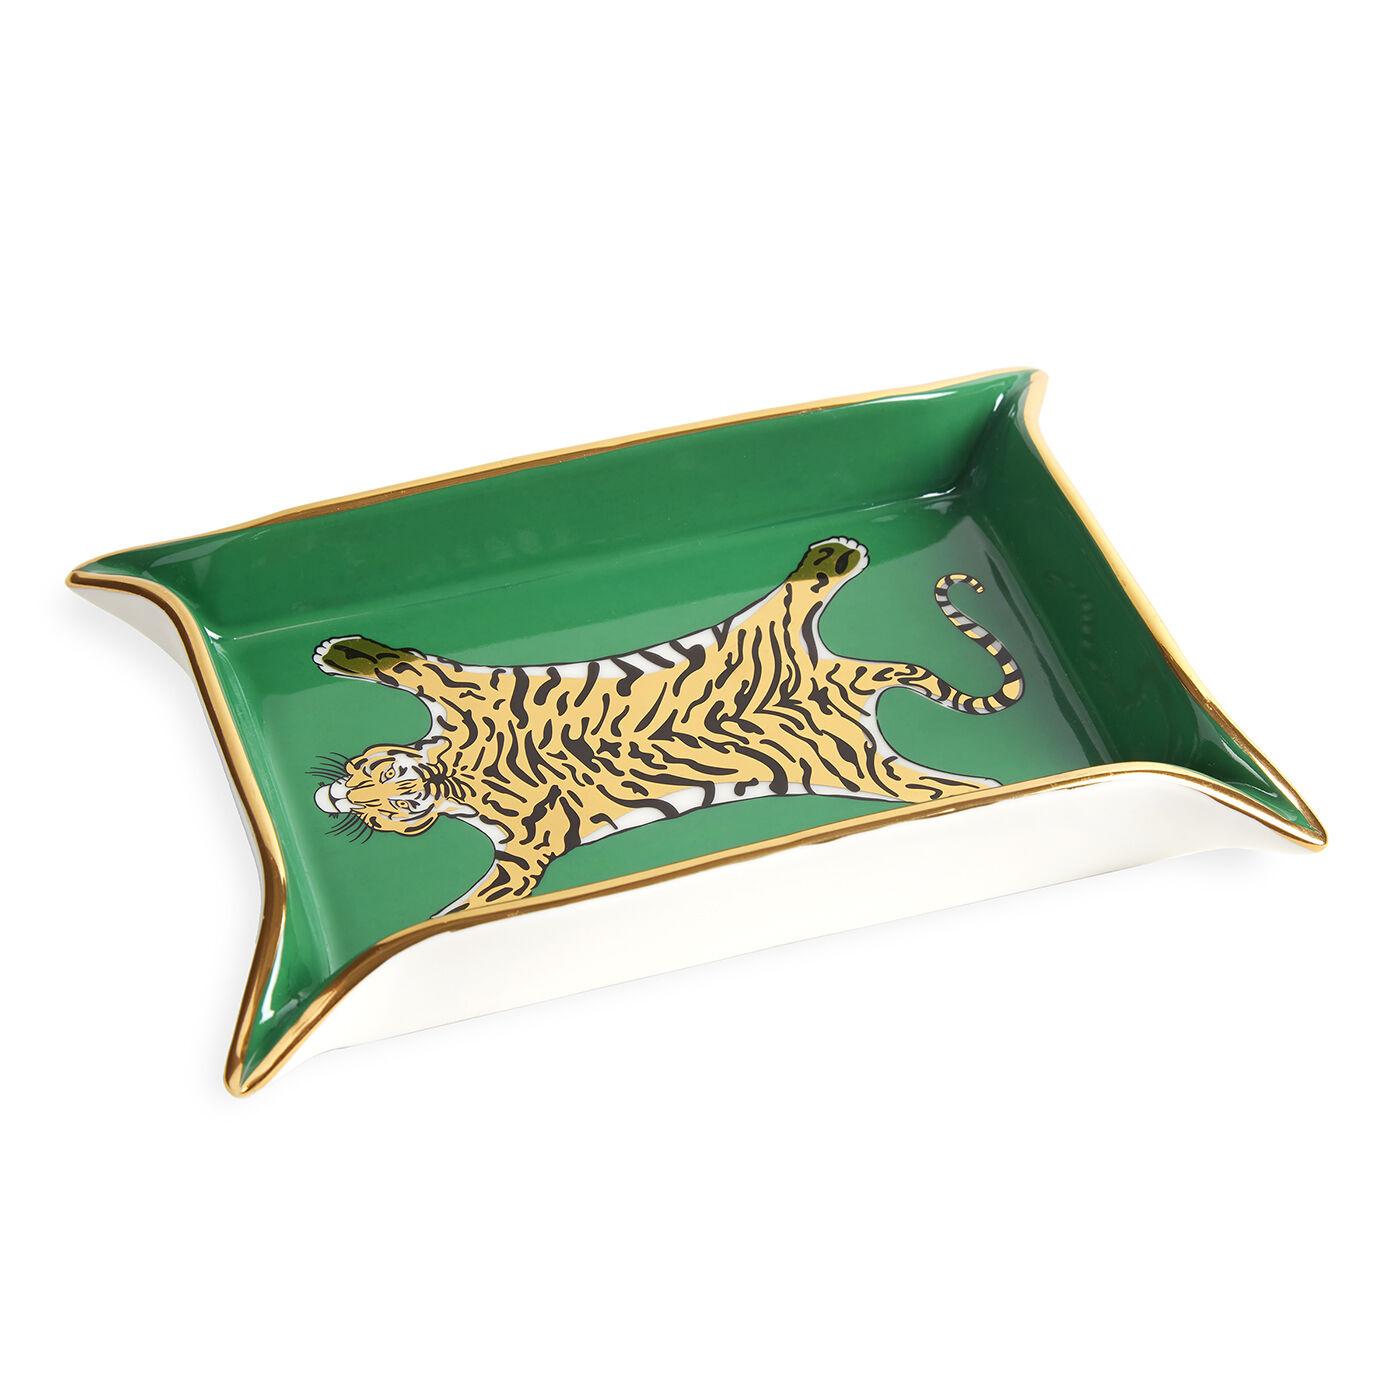 trays valet tiger tray - Valet Tray